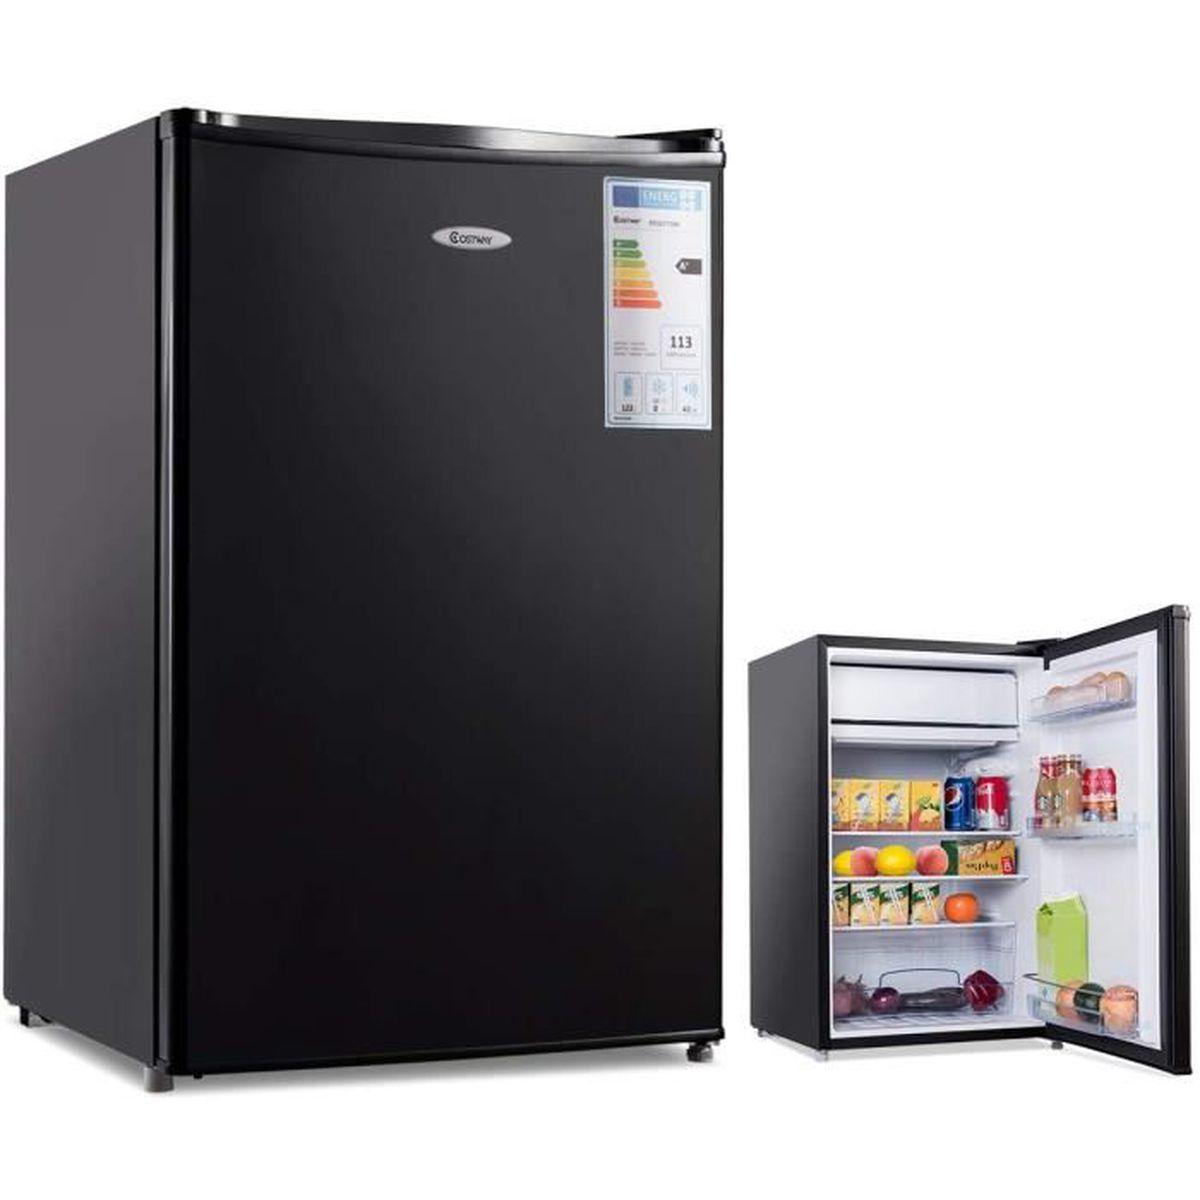 Meilleur mini frigo / Comparatif, Tests & Avis